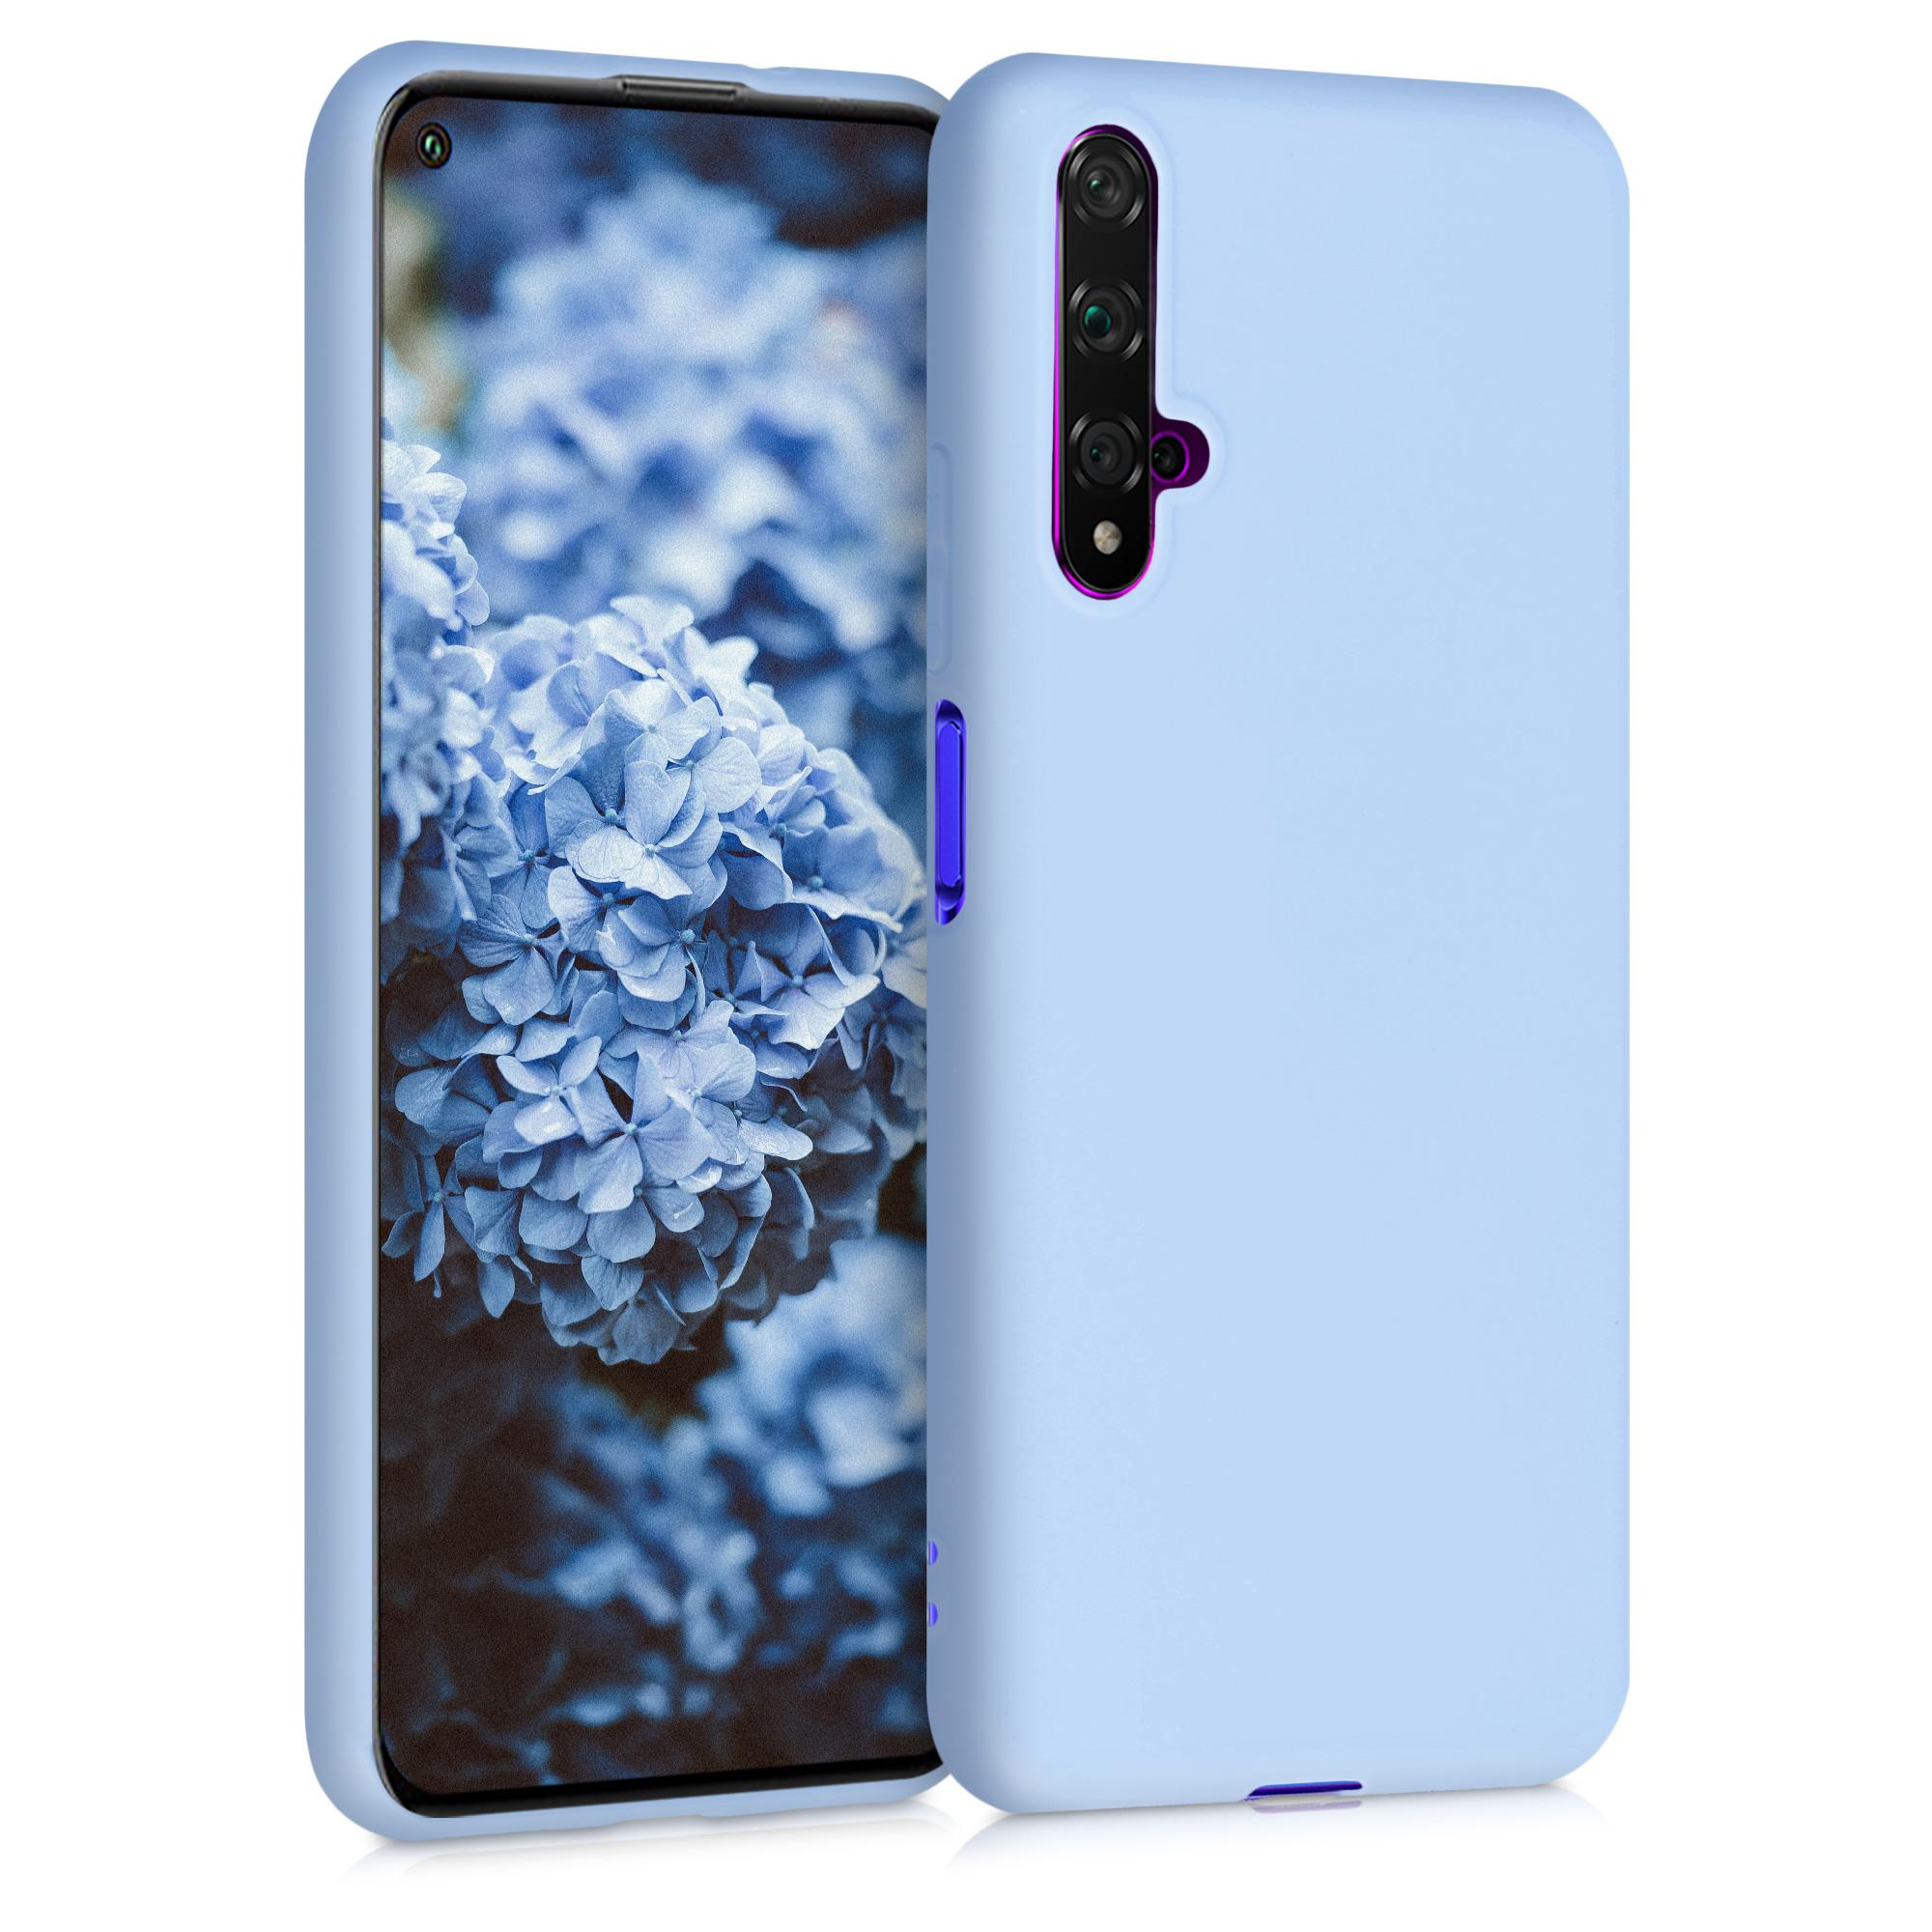 Světlo modré silikonové pouzdro / obal pro Huawei Nova 5T